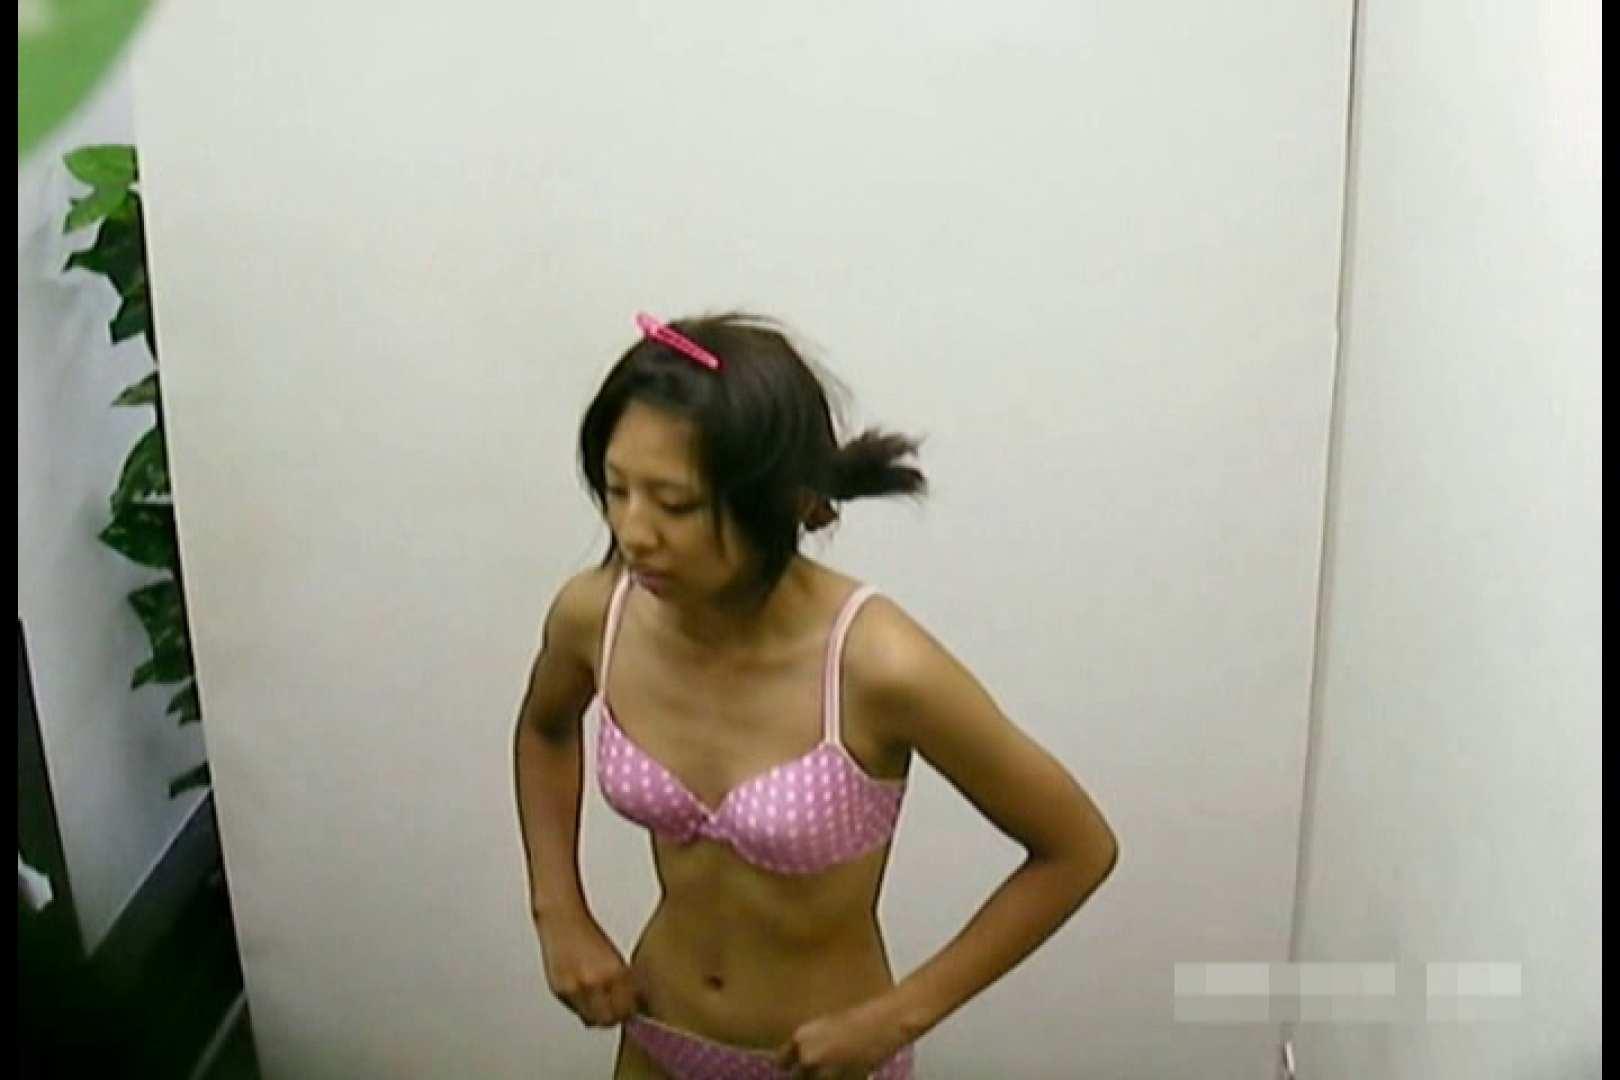 素人撮影 下着だけの撮影のはずが・・・エミちゃん18歳 隠撮 のぞき動画キャプチャ 65pic 12